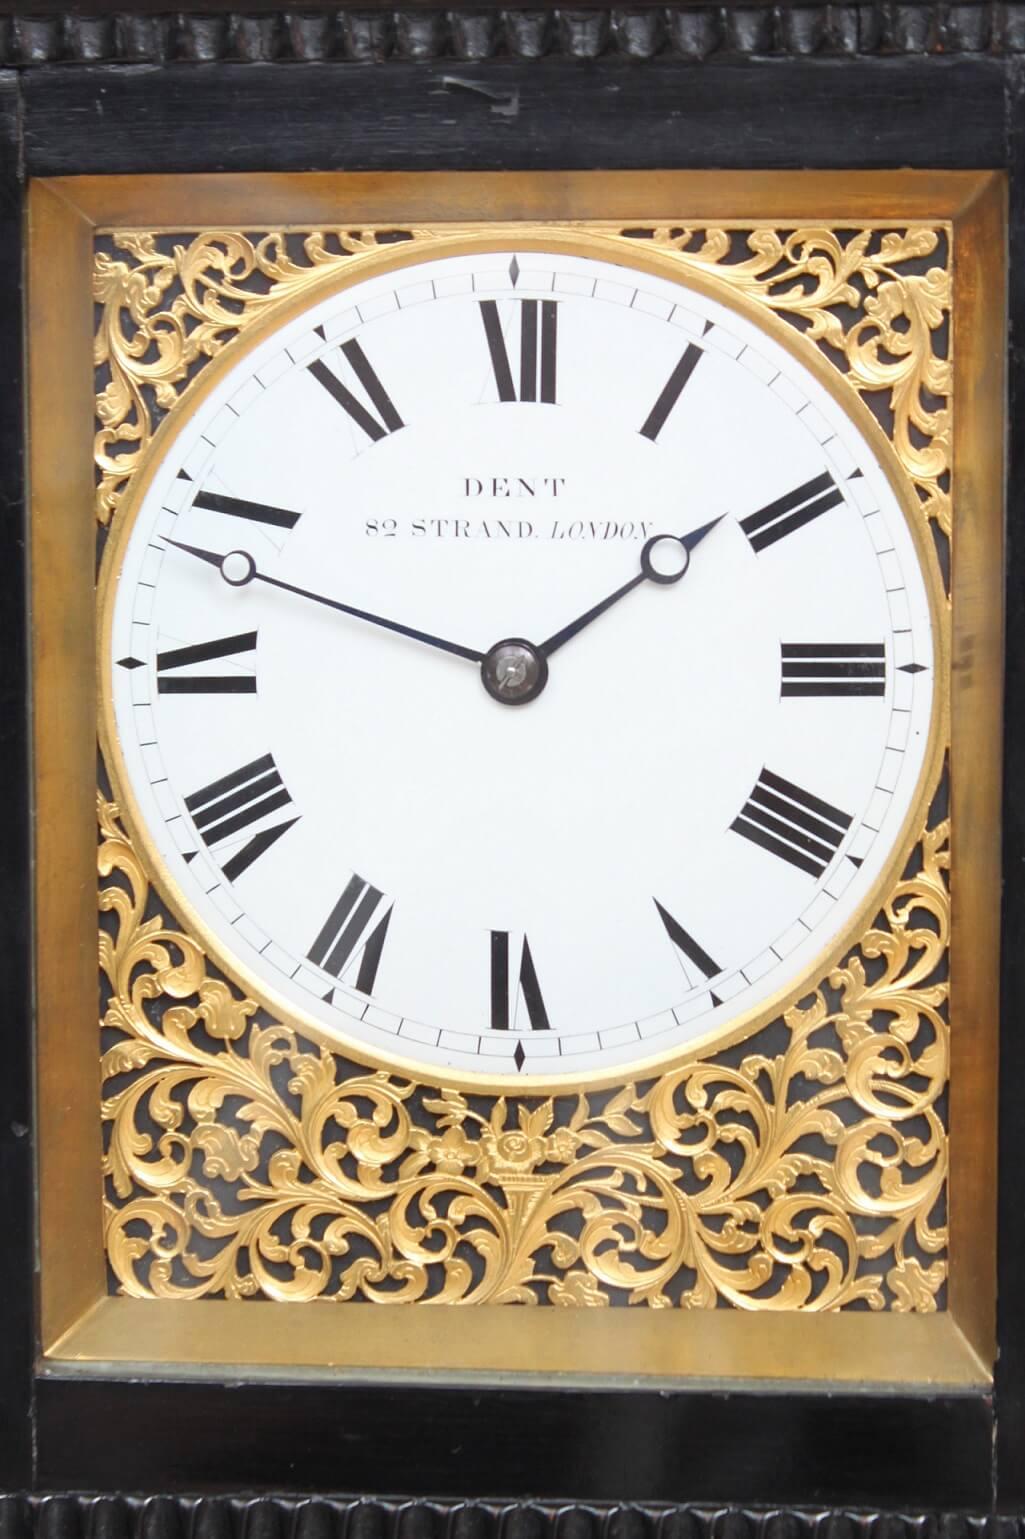 English-Edward-John-Dent-London-the Strand-ebonised-antique-giant-striking-carriage-travel-clock-